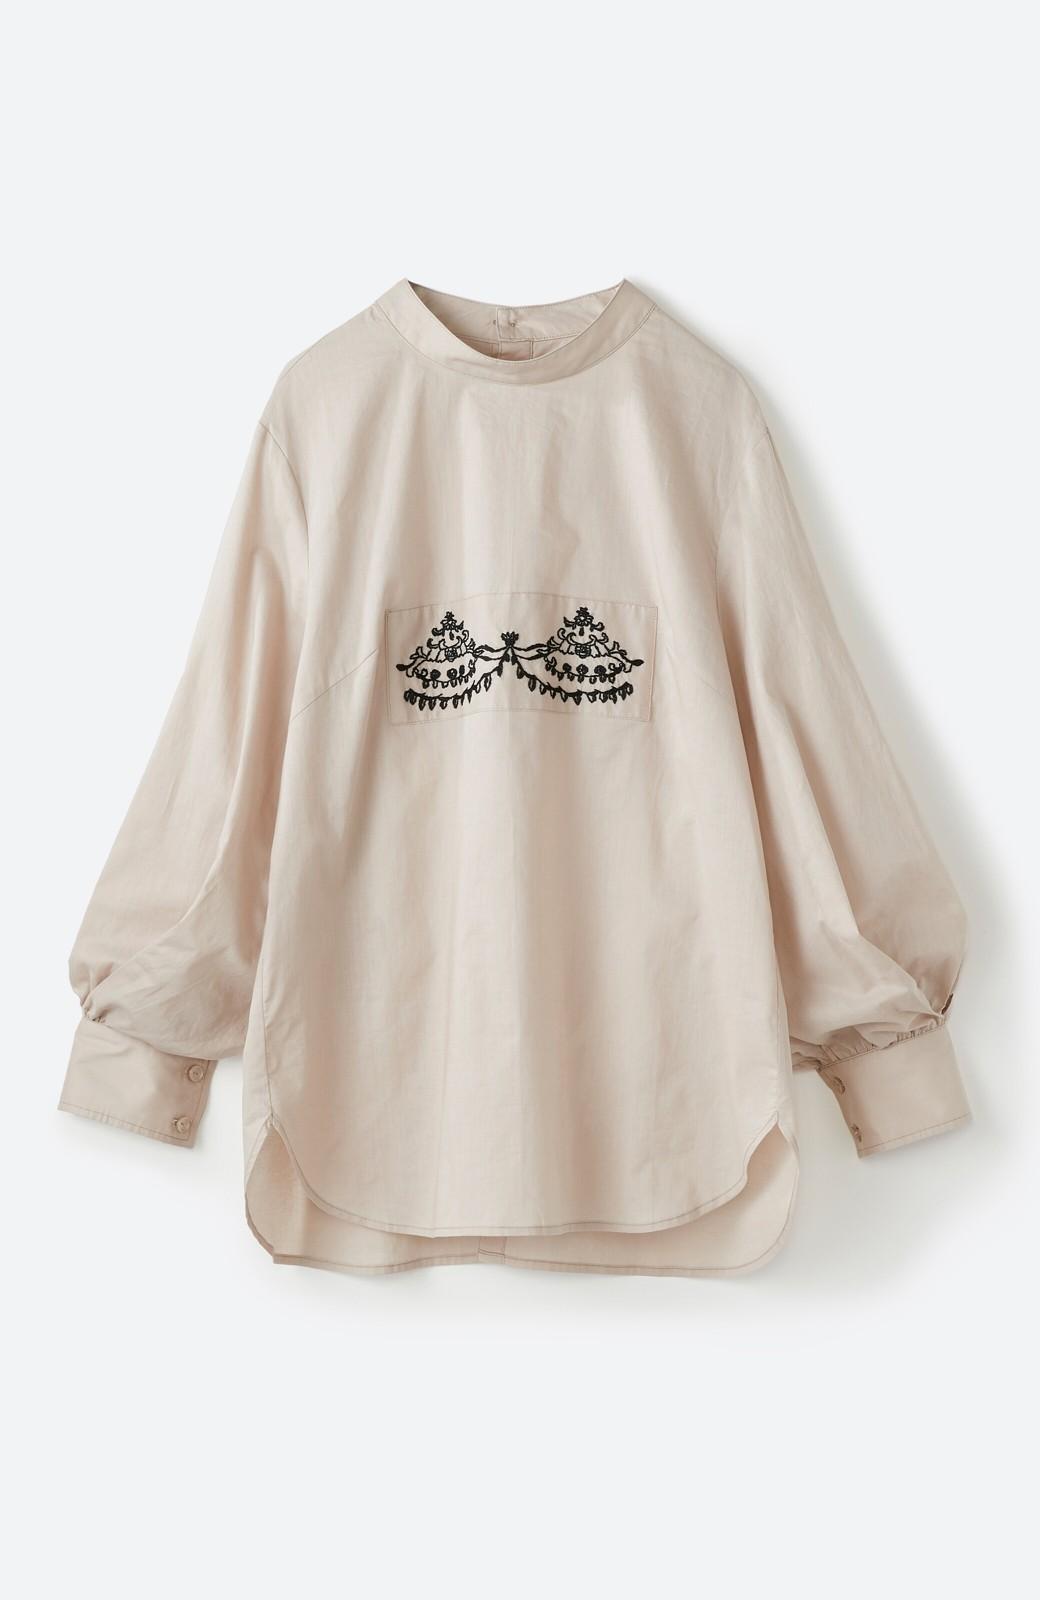 haco! 上品な刺繍がまるでレースのよう オーガニックコットンの袖ぽんわりブラウス from Stitch by Stitch <ライトベージュ>の商品写真2